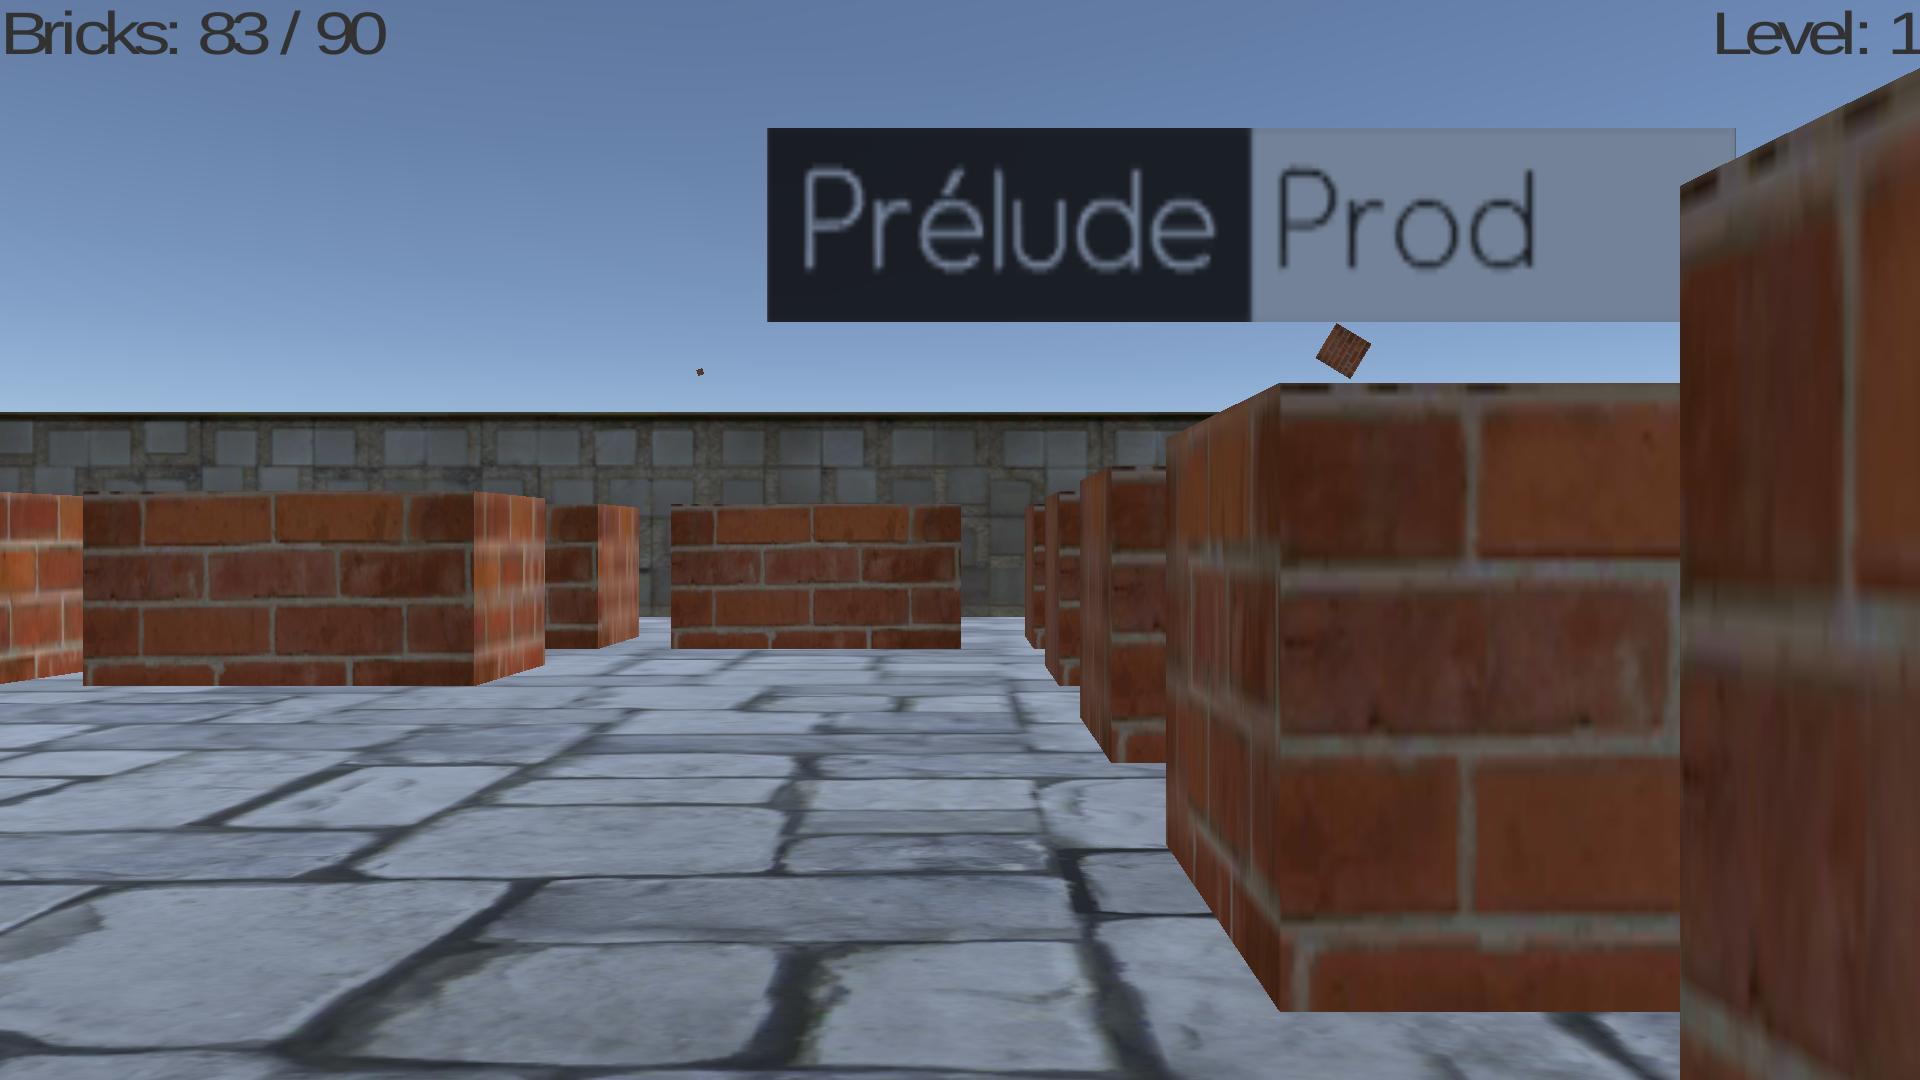 Blourp 3D : Un Casse-Briques Original (Encore) | Prélude pour Jeux De Casse Brique Gratuit En Ligne